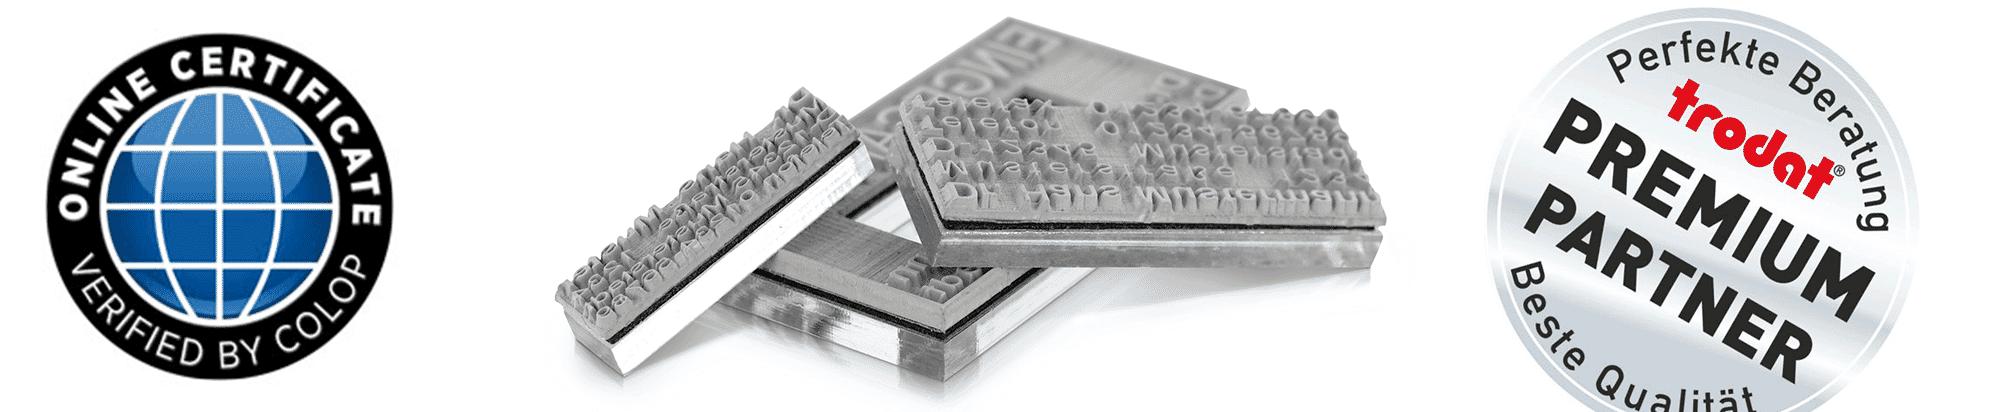 Trodat Premium Partner / Colop Zertifiert